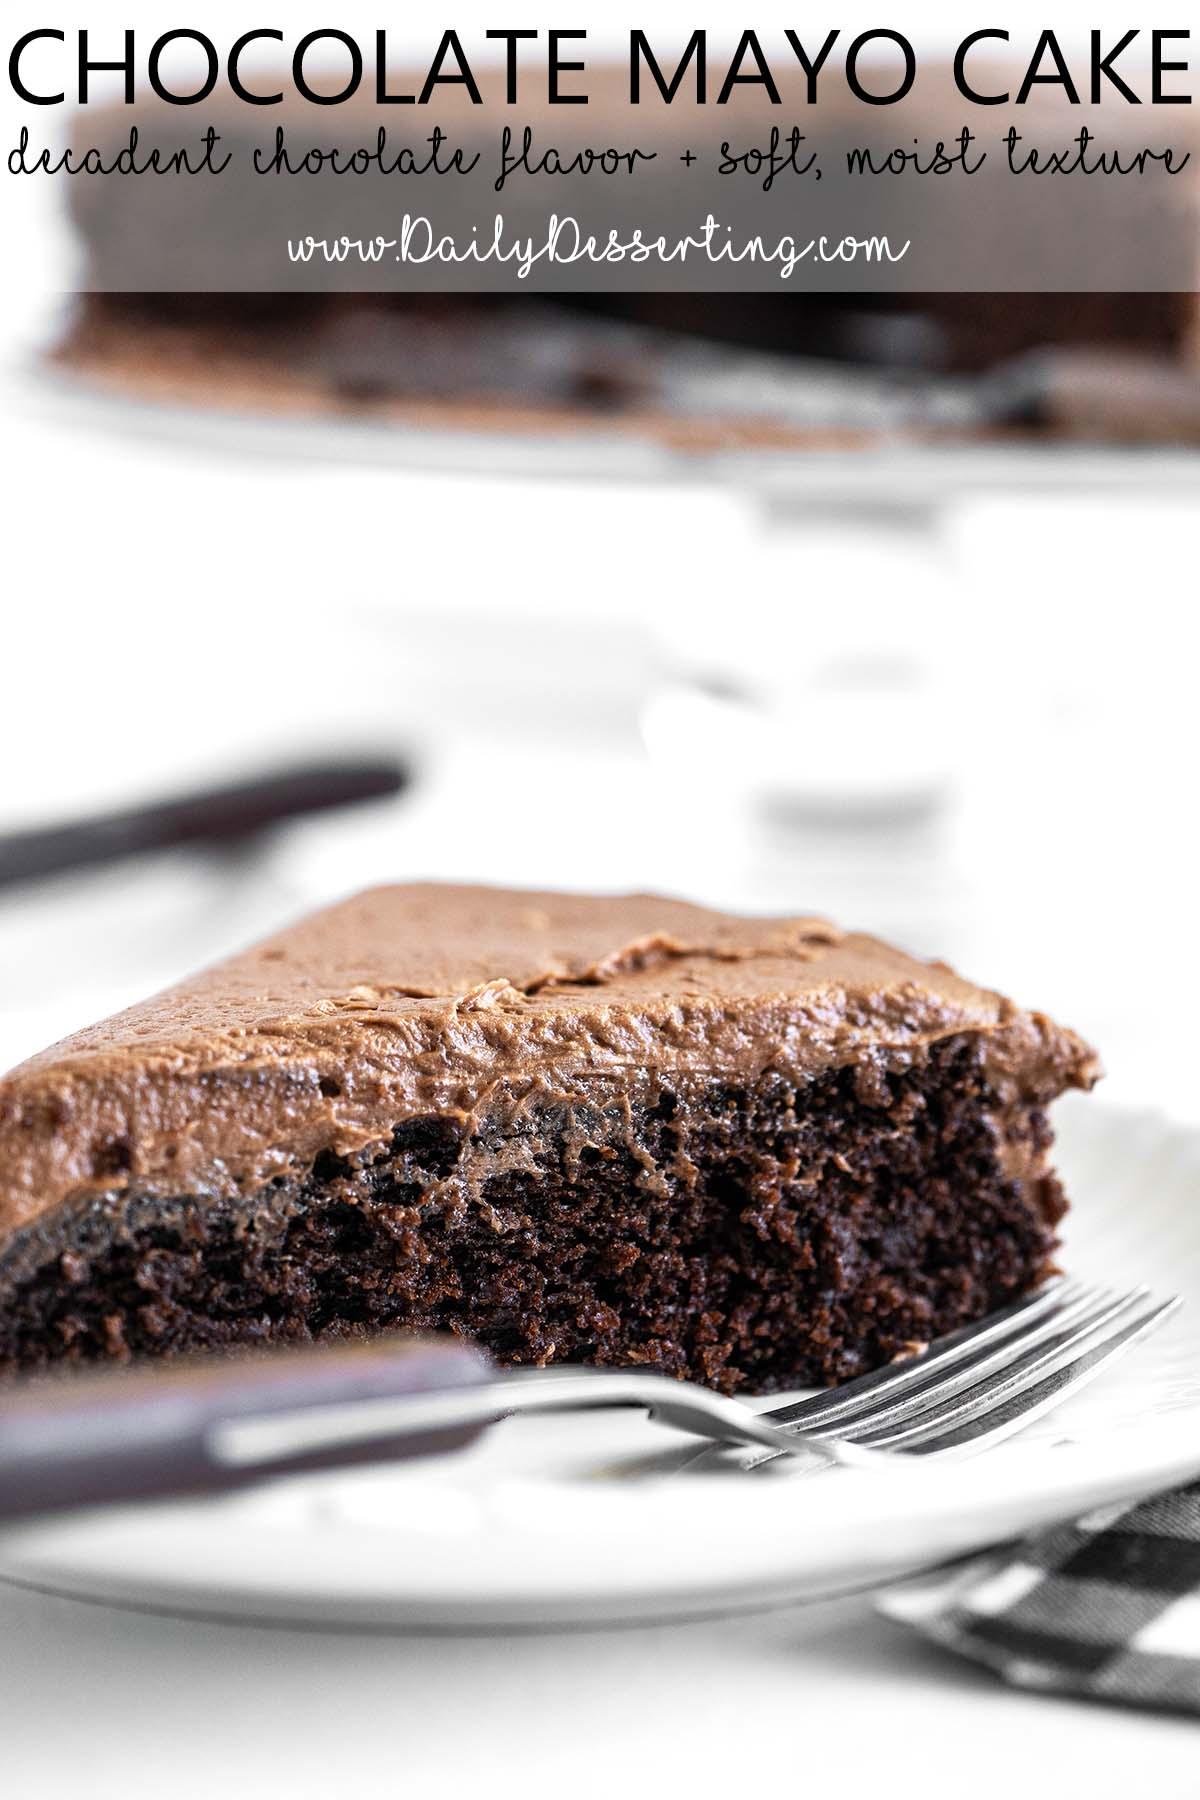 chocolate mayo cake graphic